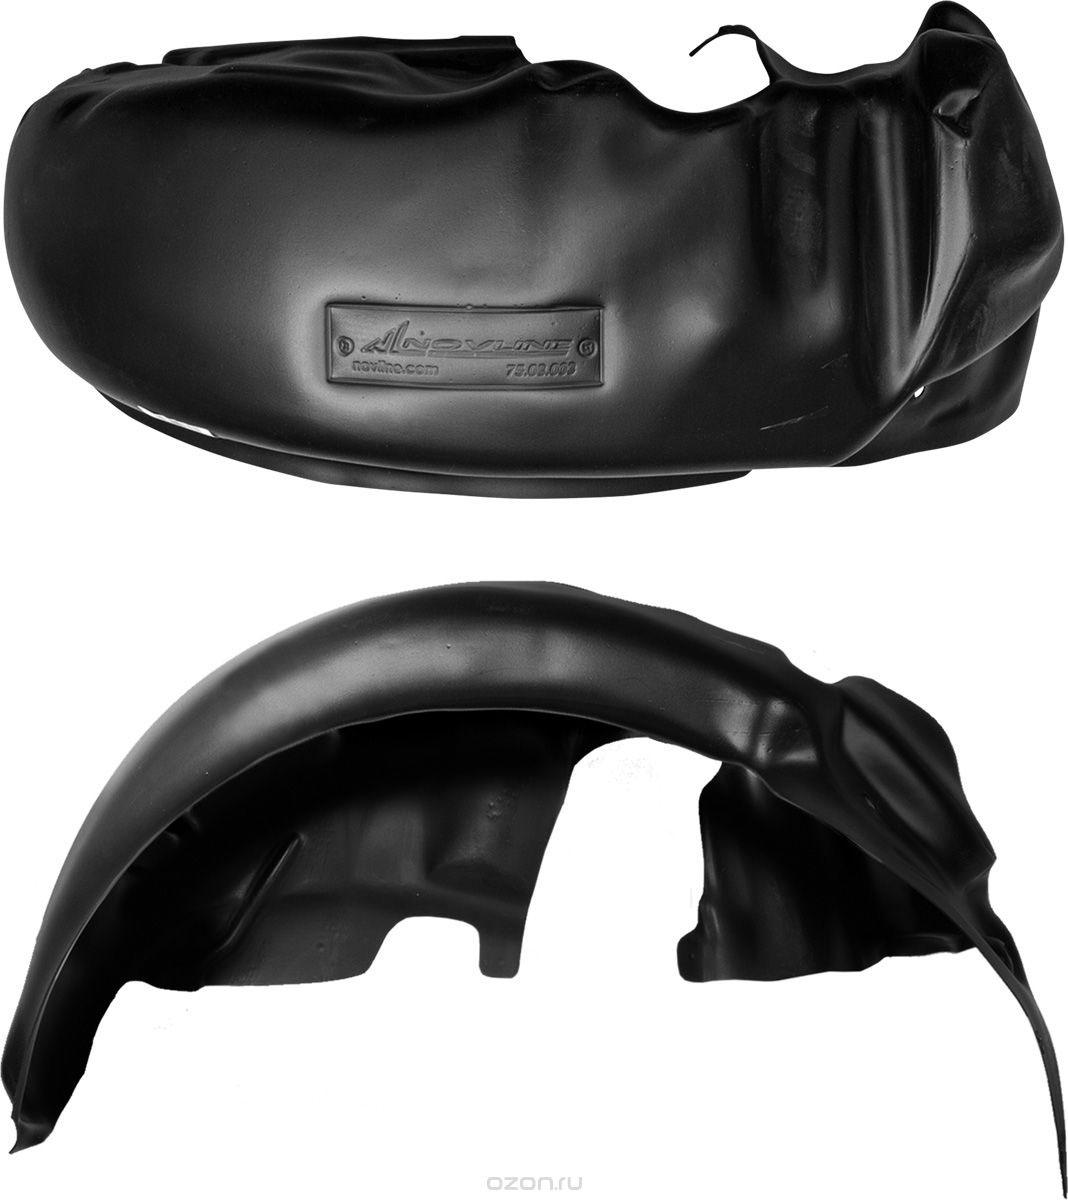 Подкрылок Novline-Autofamily, для Renault Kaptur, 04/2016->, задний левыйNLL.41.43.003Идеальная защита колесной ниши. Локеры разработаны с применением цифровых технологий, гарантируют максимальную повторяемость поверхности арки. Изделия устанавливаются без нарушения лакокрасочного покрытия автомобиля, каждый подкрылок комплектуется крепежом. Уважаемые клиенты, обращаем ваше внимание, что фотографии на подкрылки универсальные и не отражают реальную форму изделия. При этом само изделие идет точно под размер указанного автомобиля.